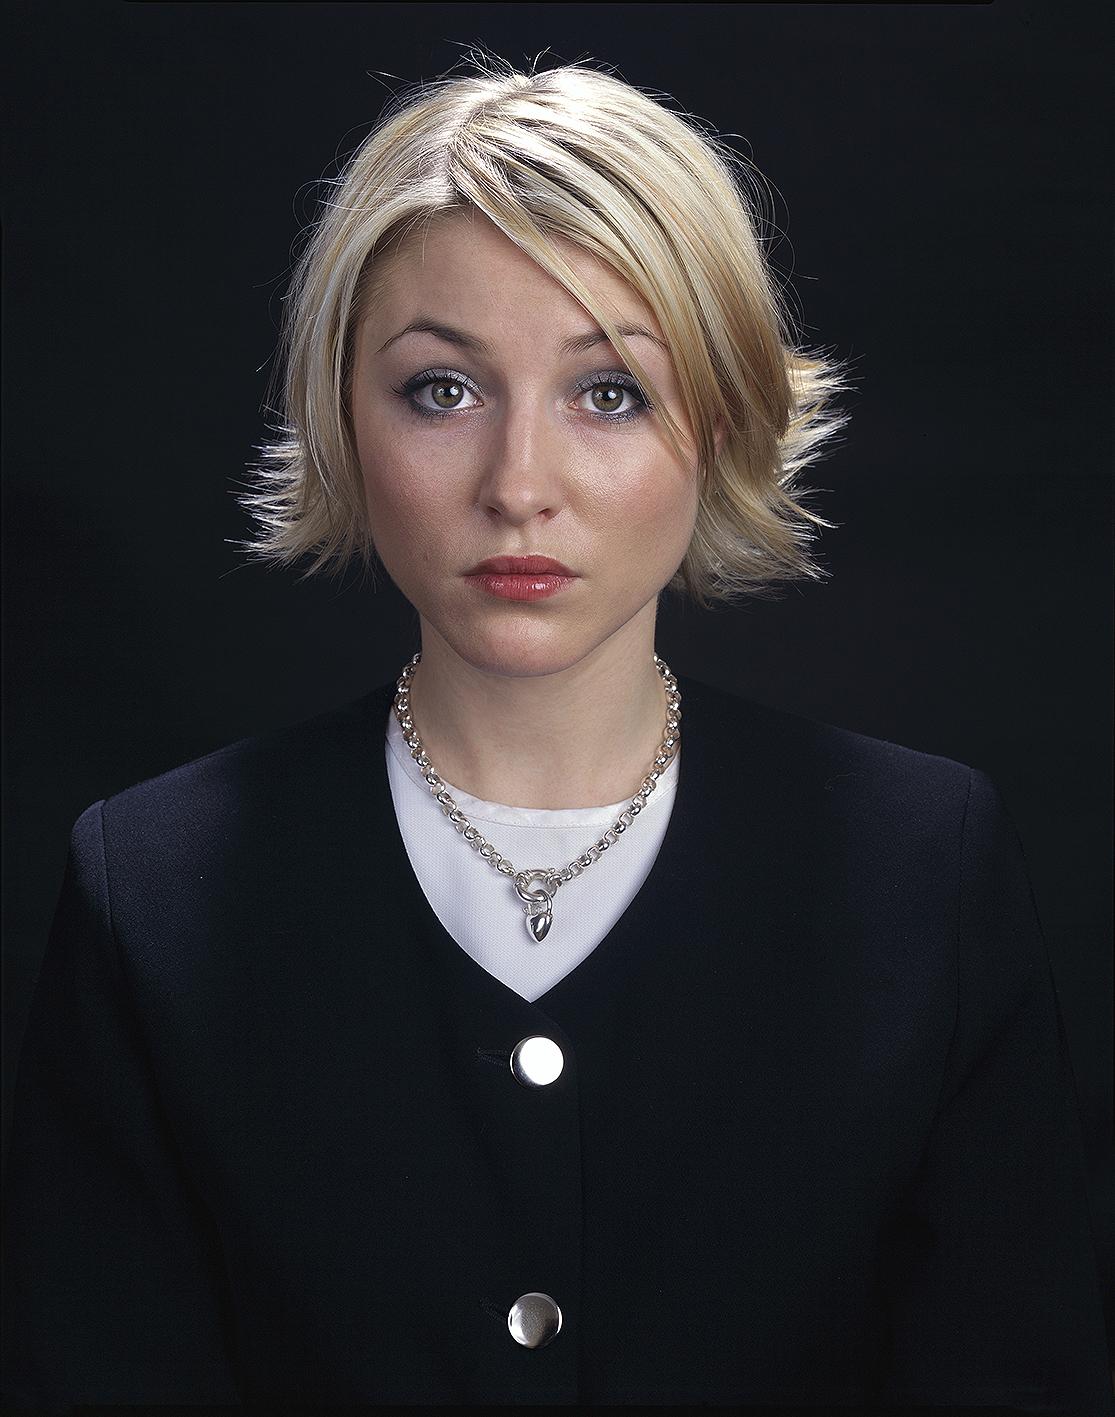 Elizabeth Arden, 2002